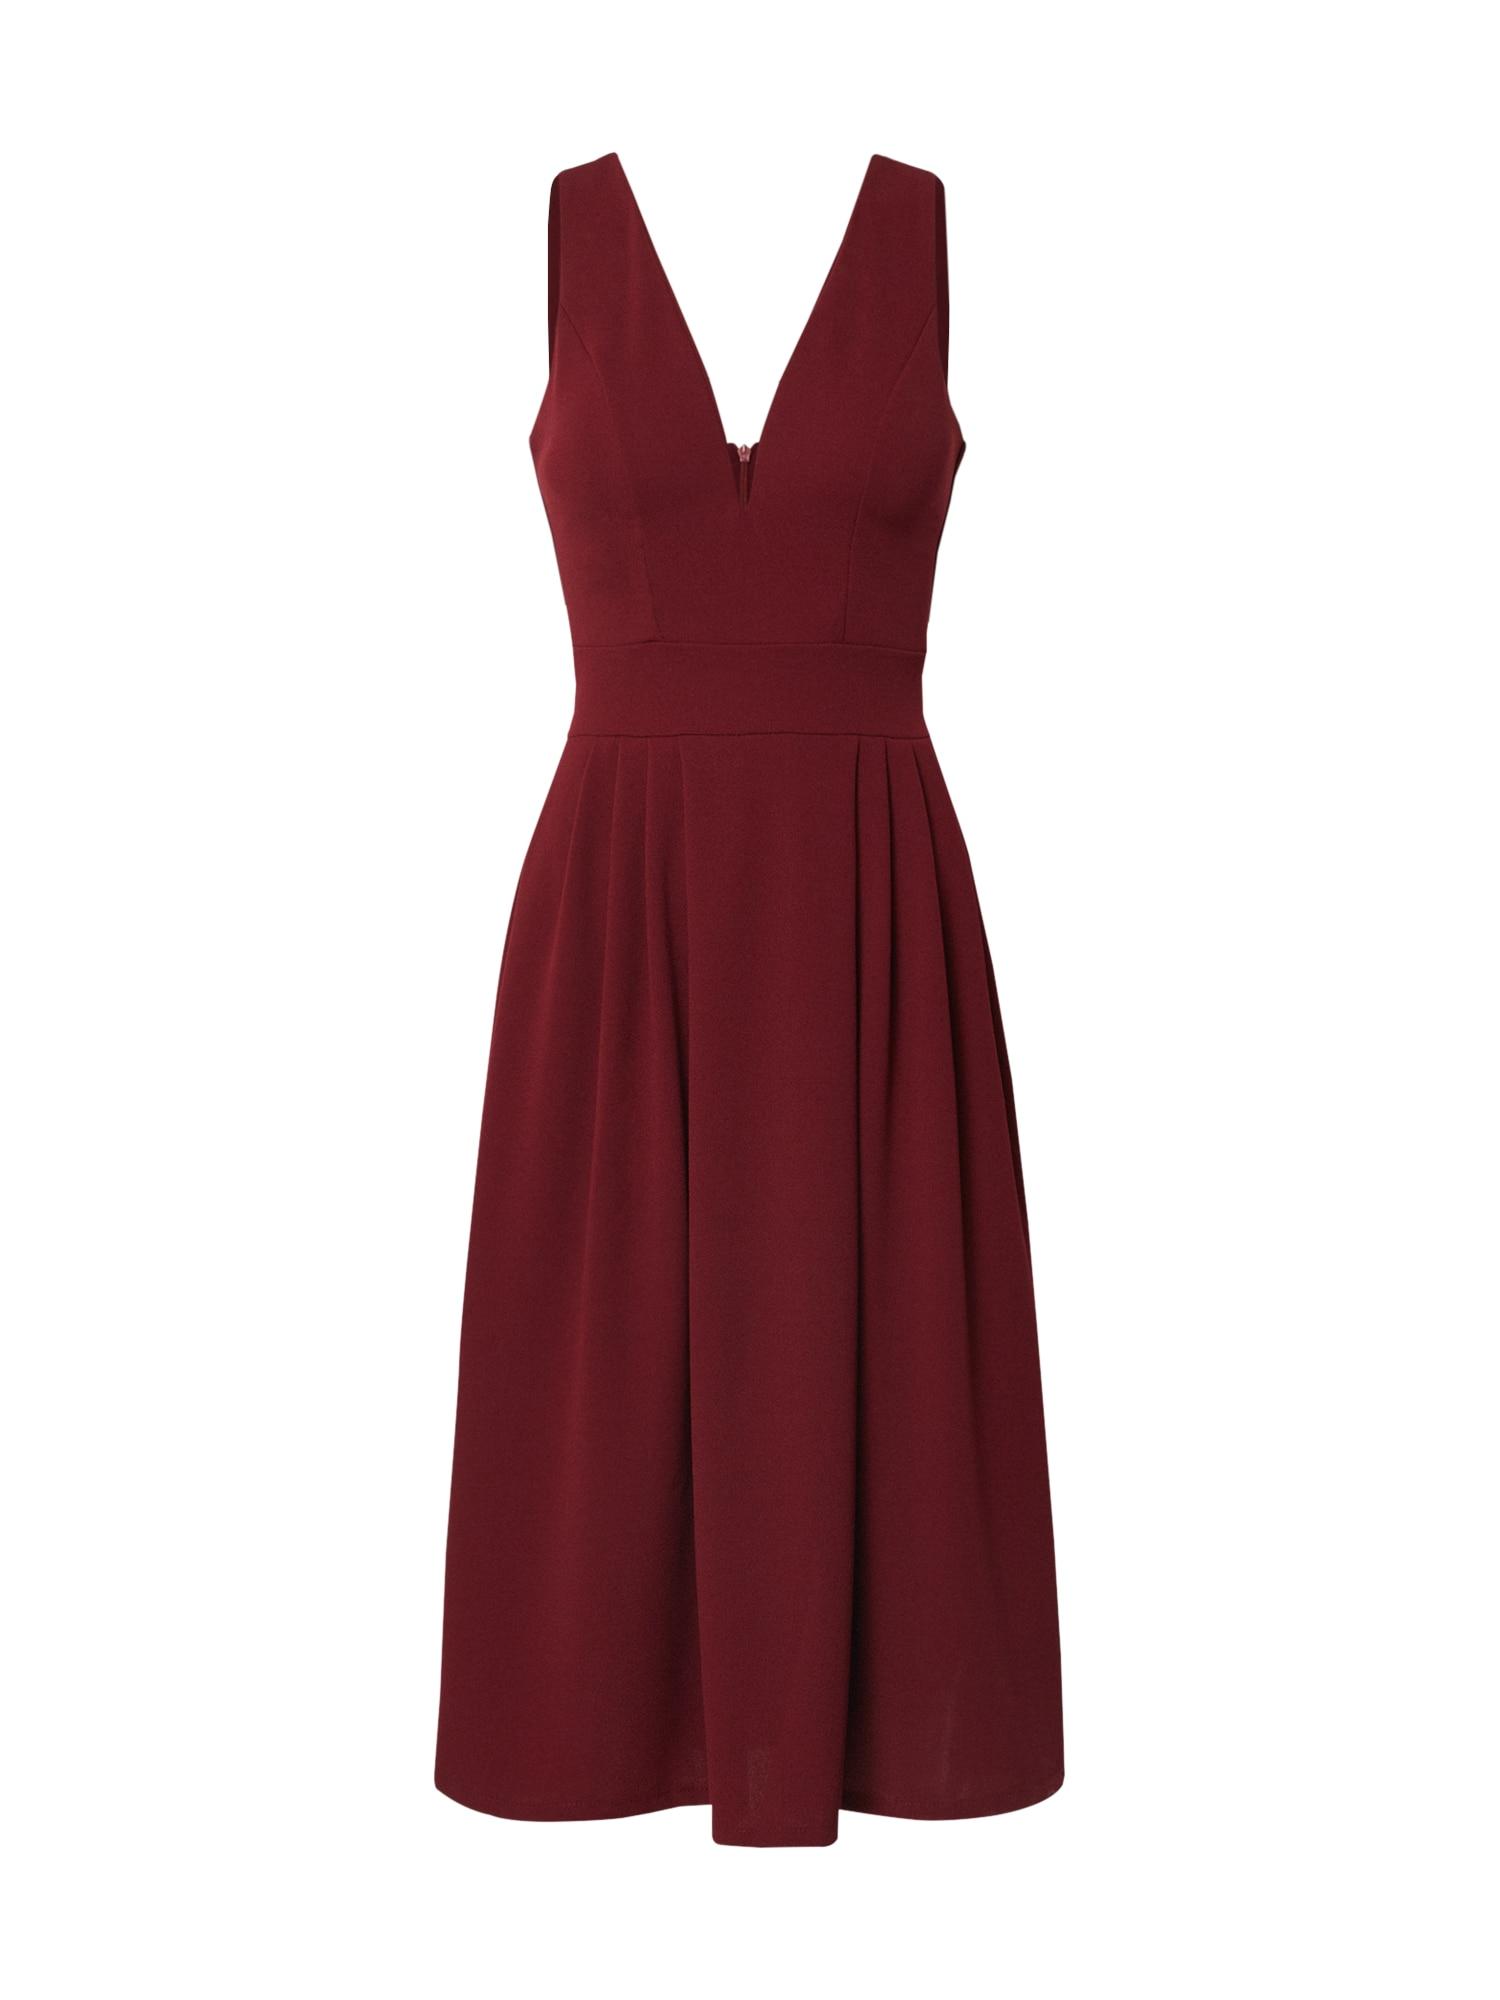 WAL G. Kokteilinė suknelė vyno raudona spalva